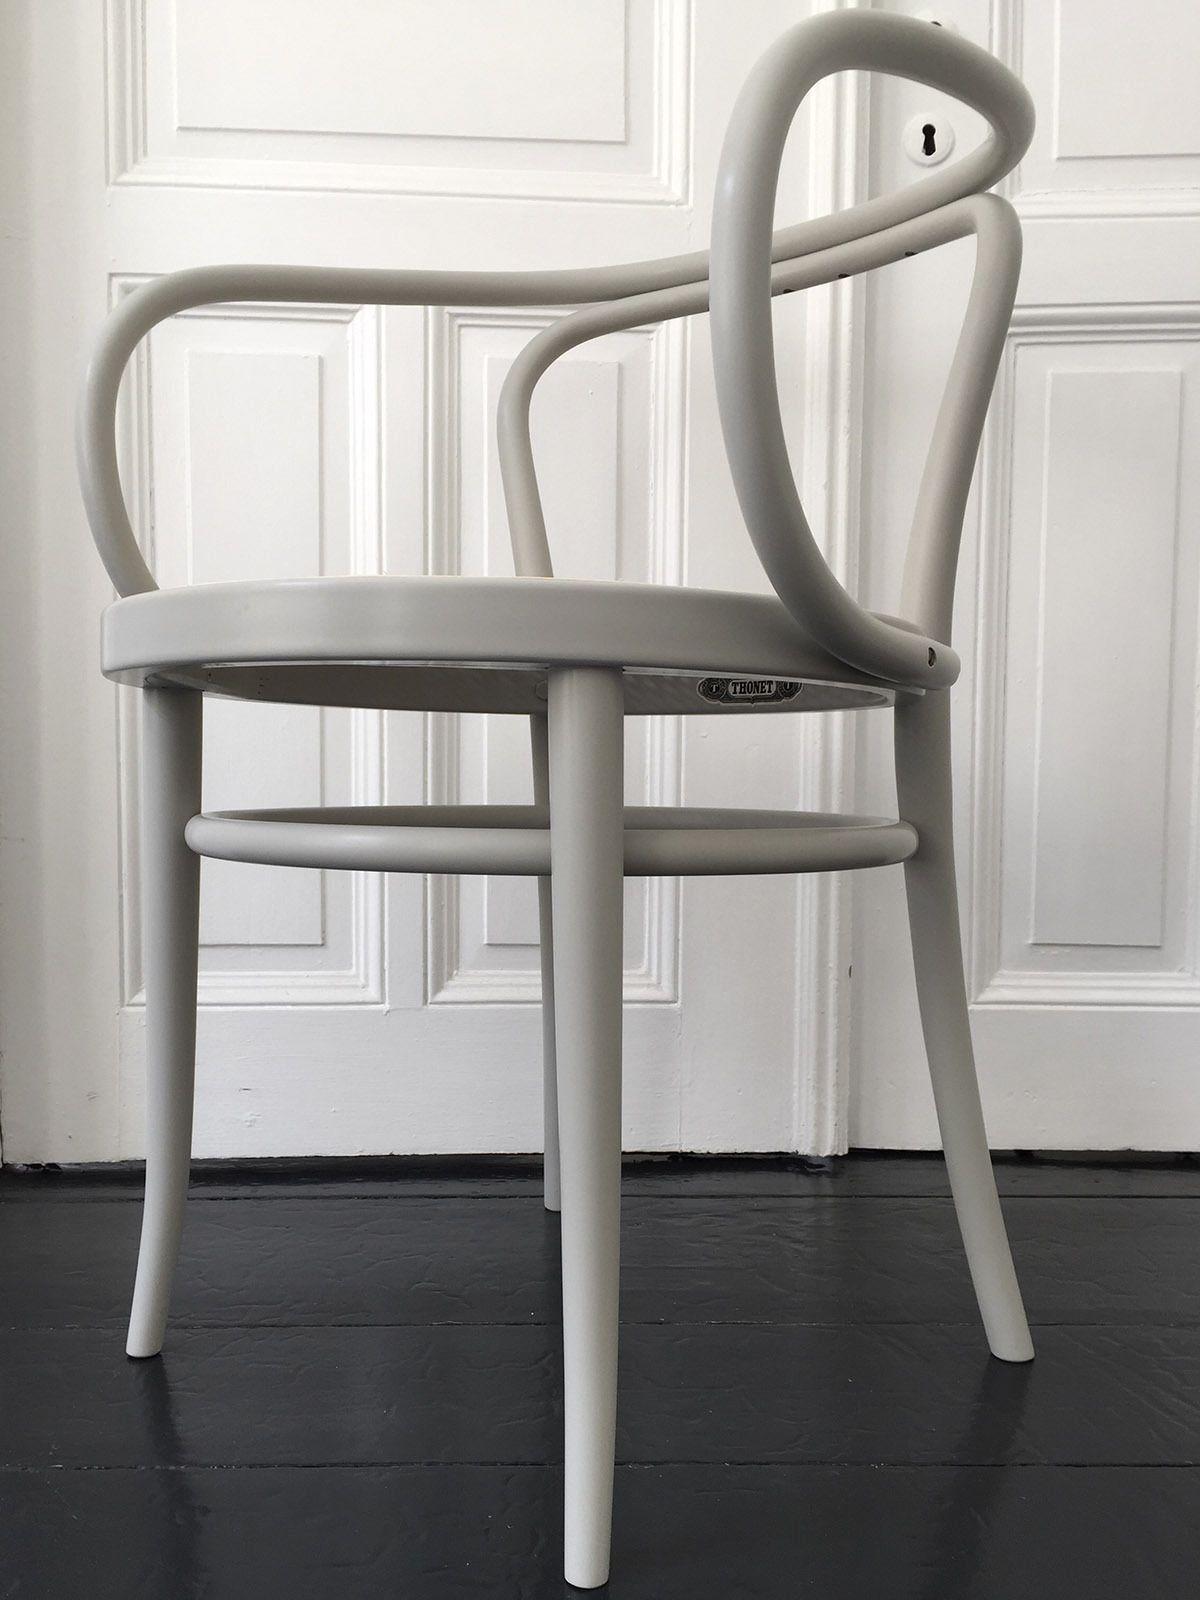 thonet 209 bugholzklassiker in m bel wohnen m bel st hle ebay furniture feign. Black Bedroom Furniture Sets. Home Design Ideas